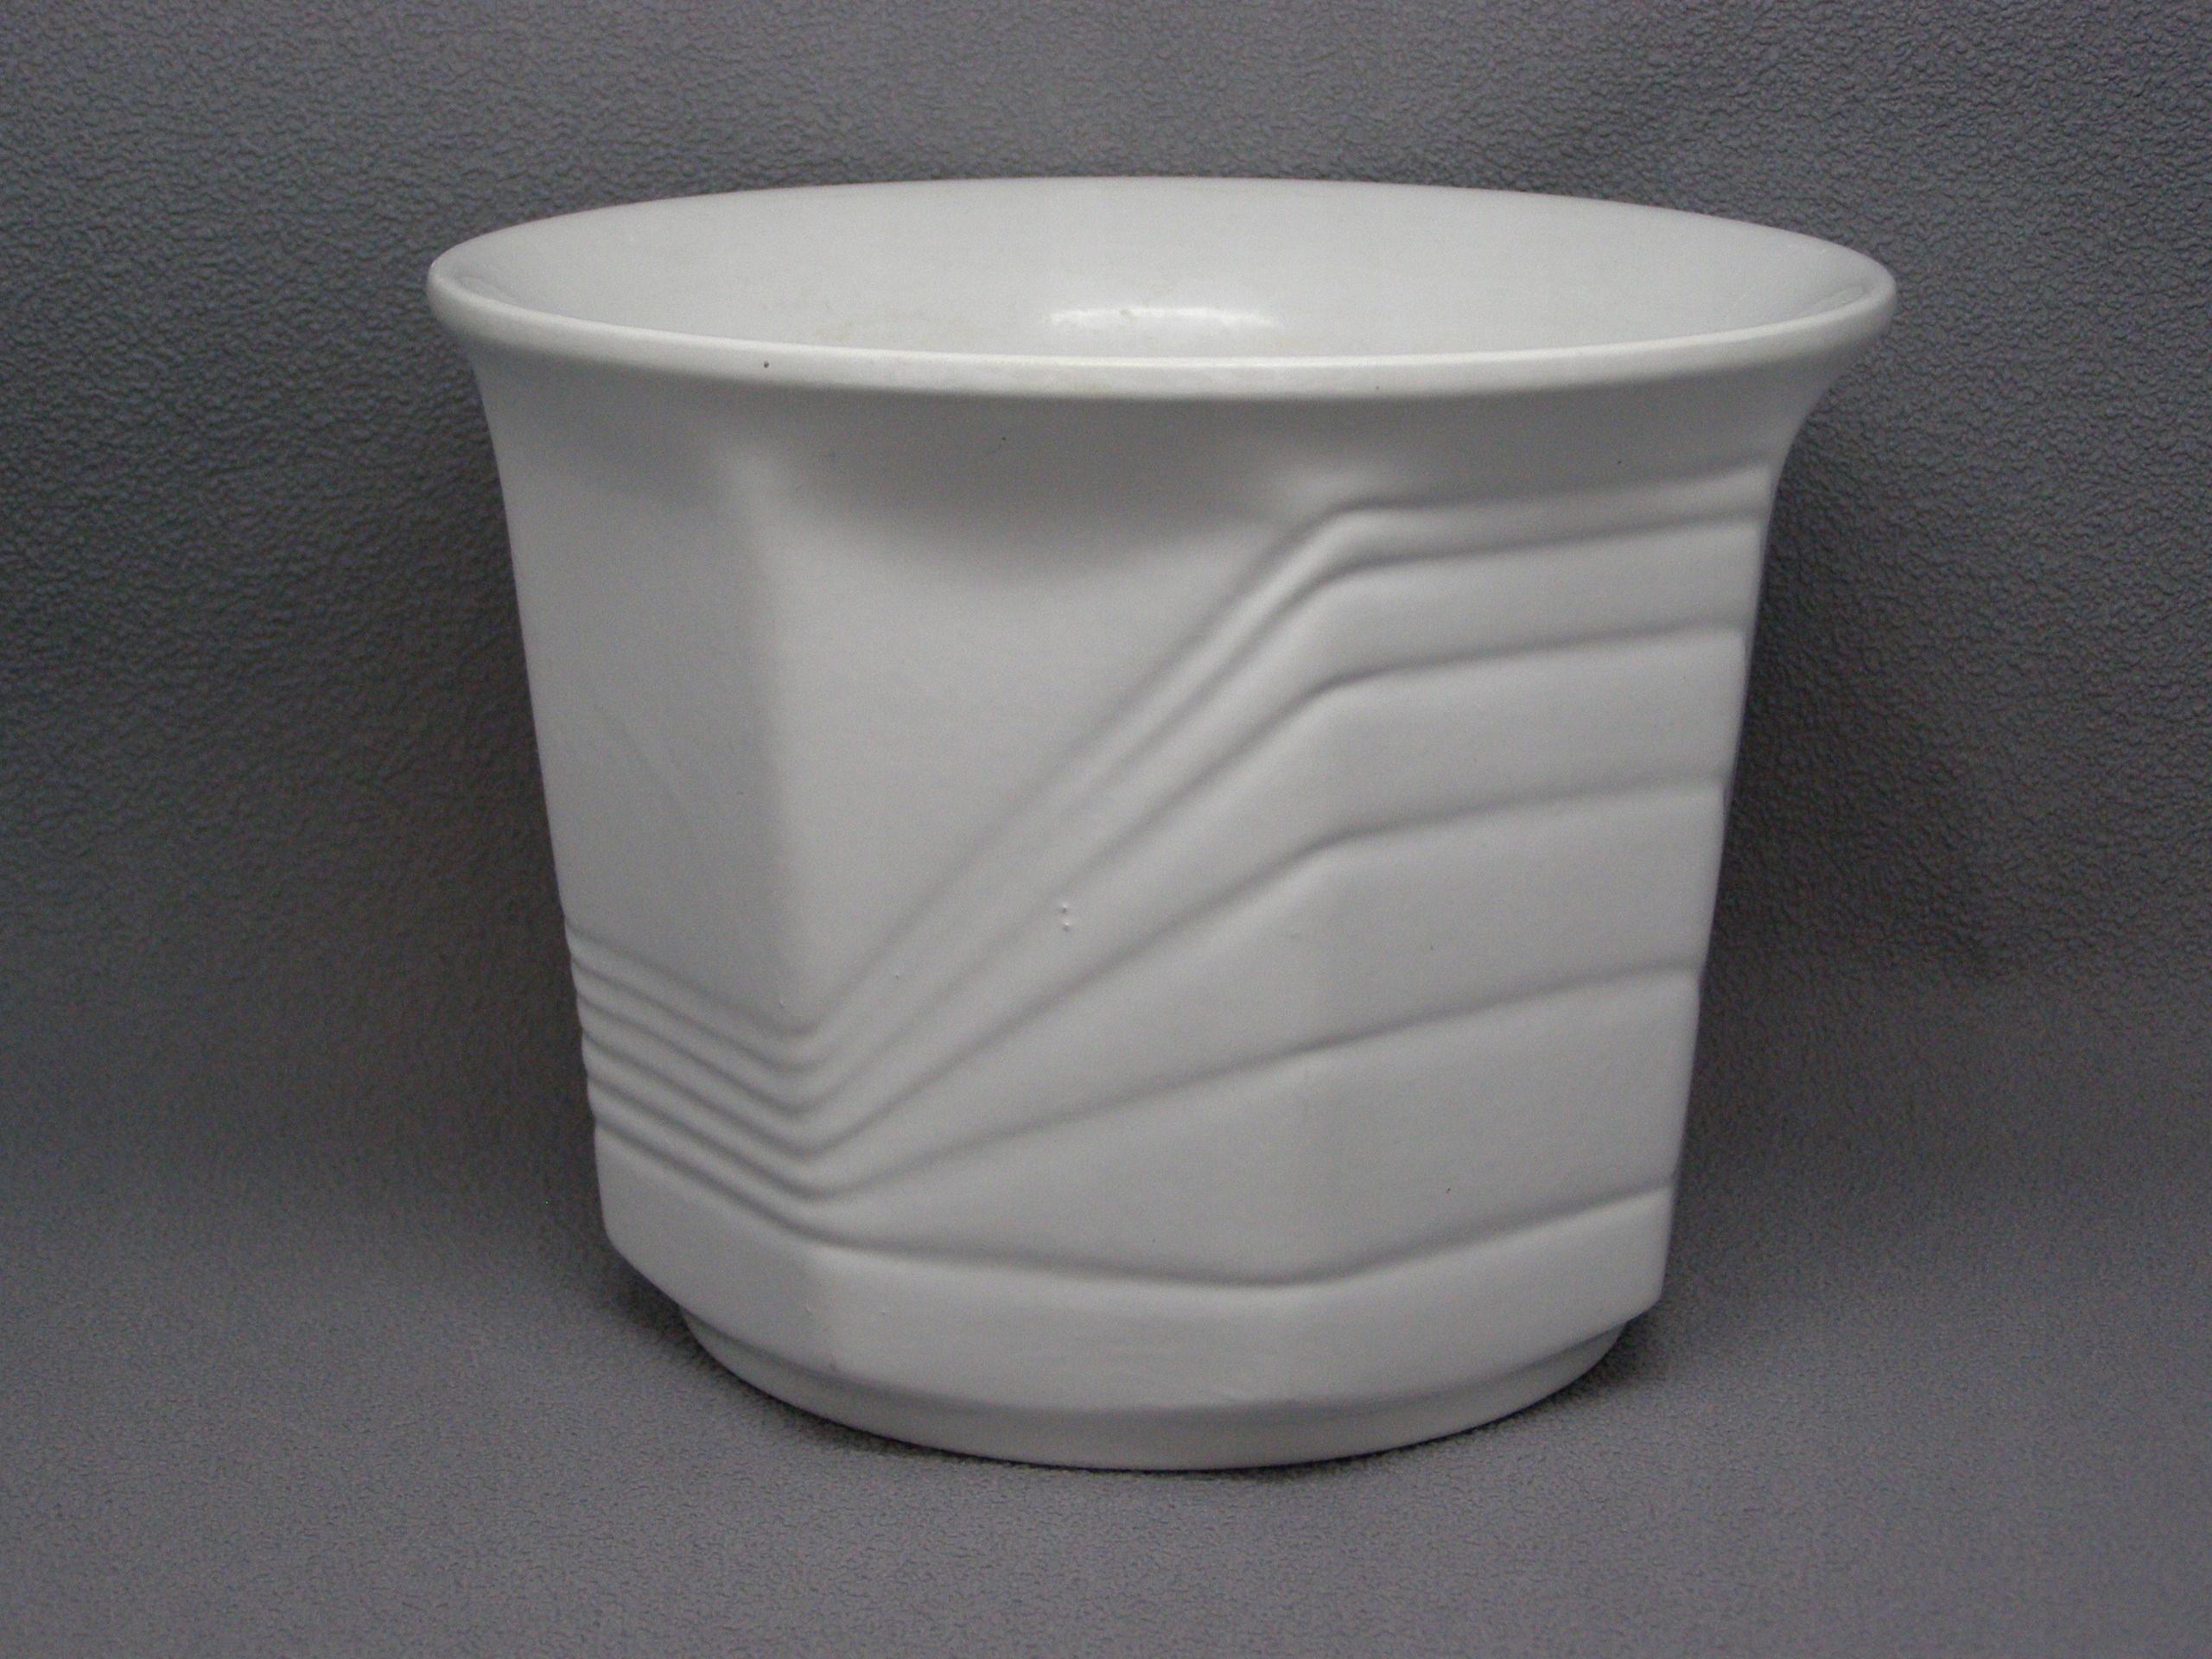 Ceramiczna Doniczka Duża 7488233897 Oficjalne Archiwum